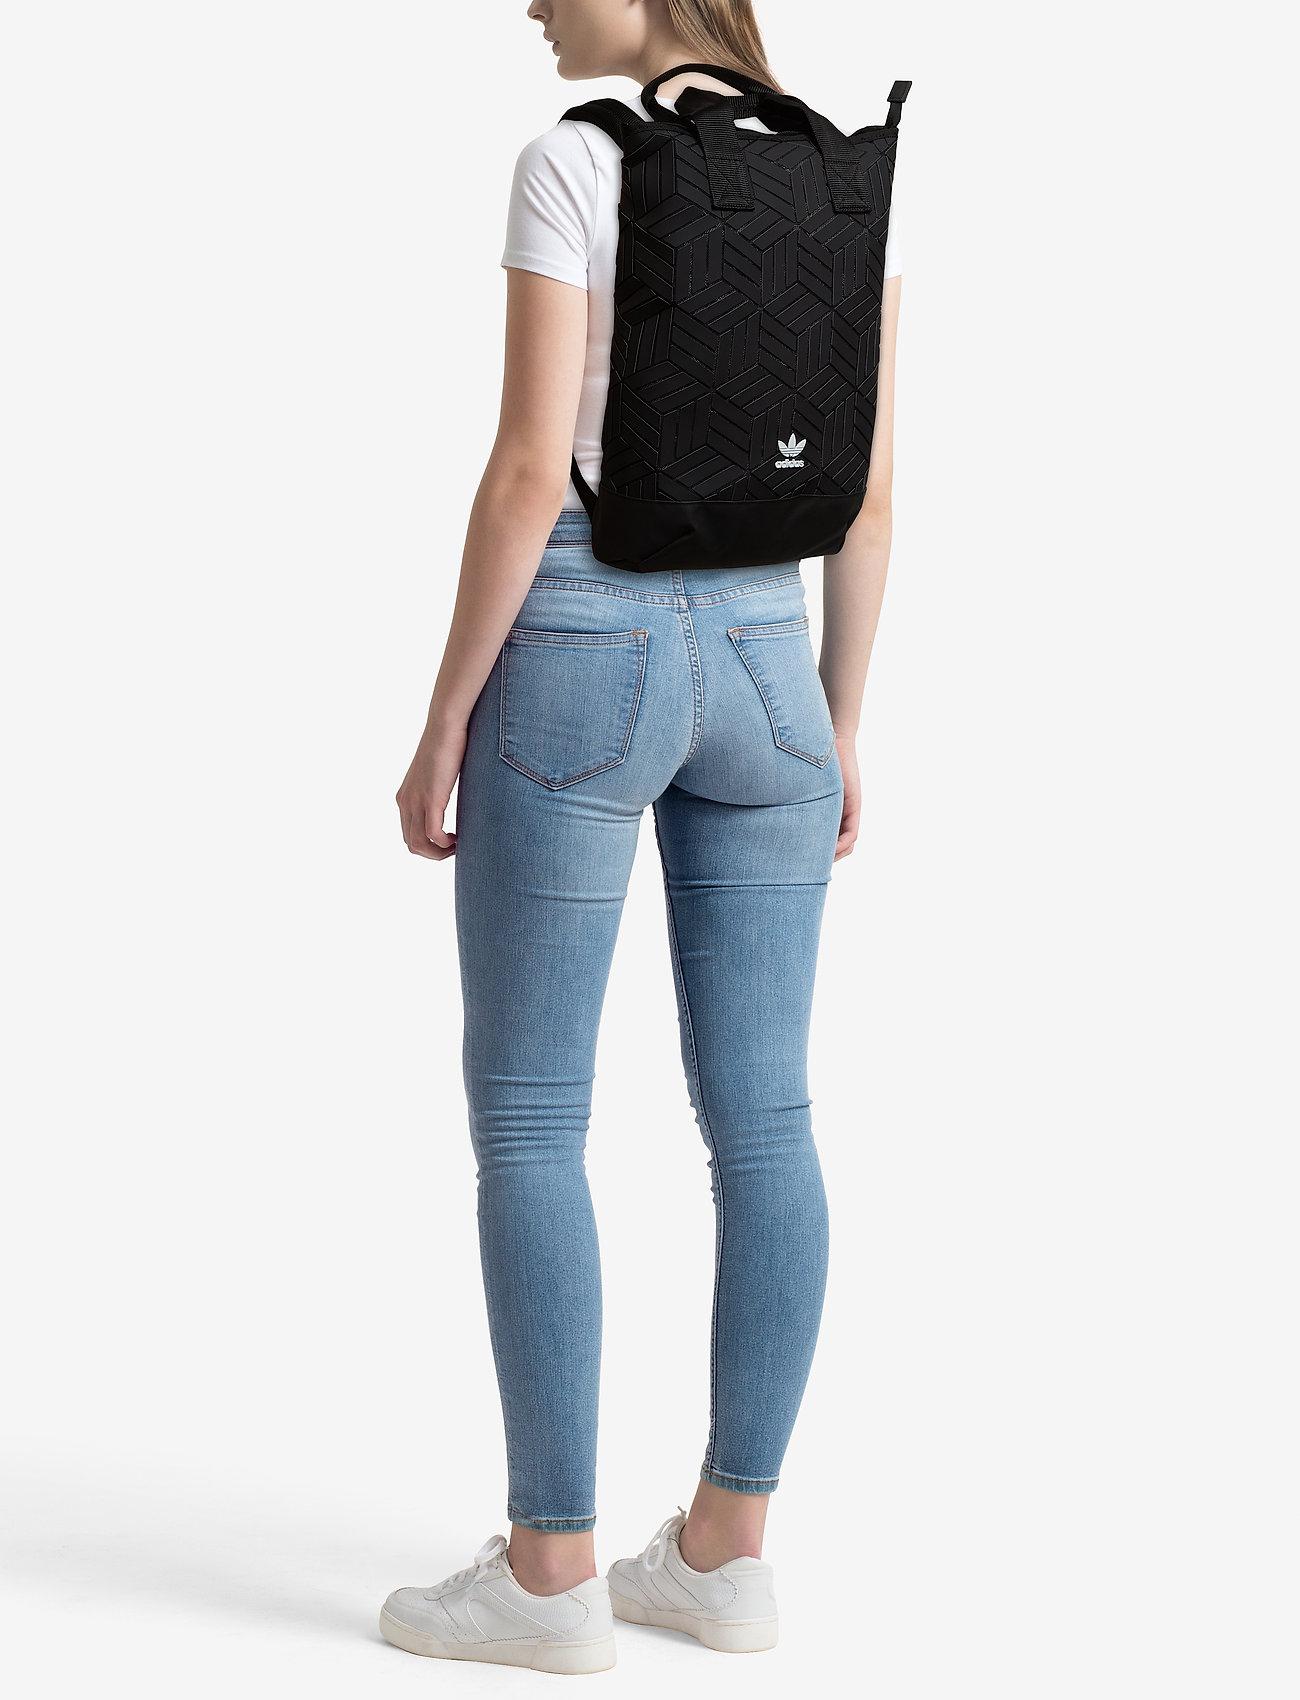 43736fa0c24eb Bp Roll Top 3d (Black) (£44.07) - adidas Originals -